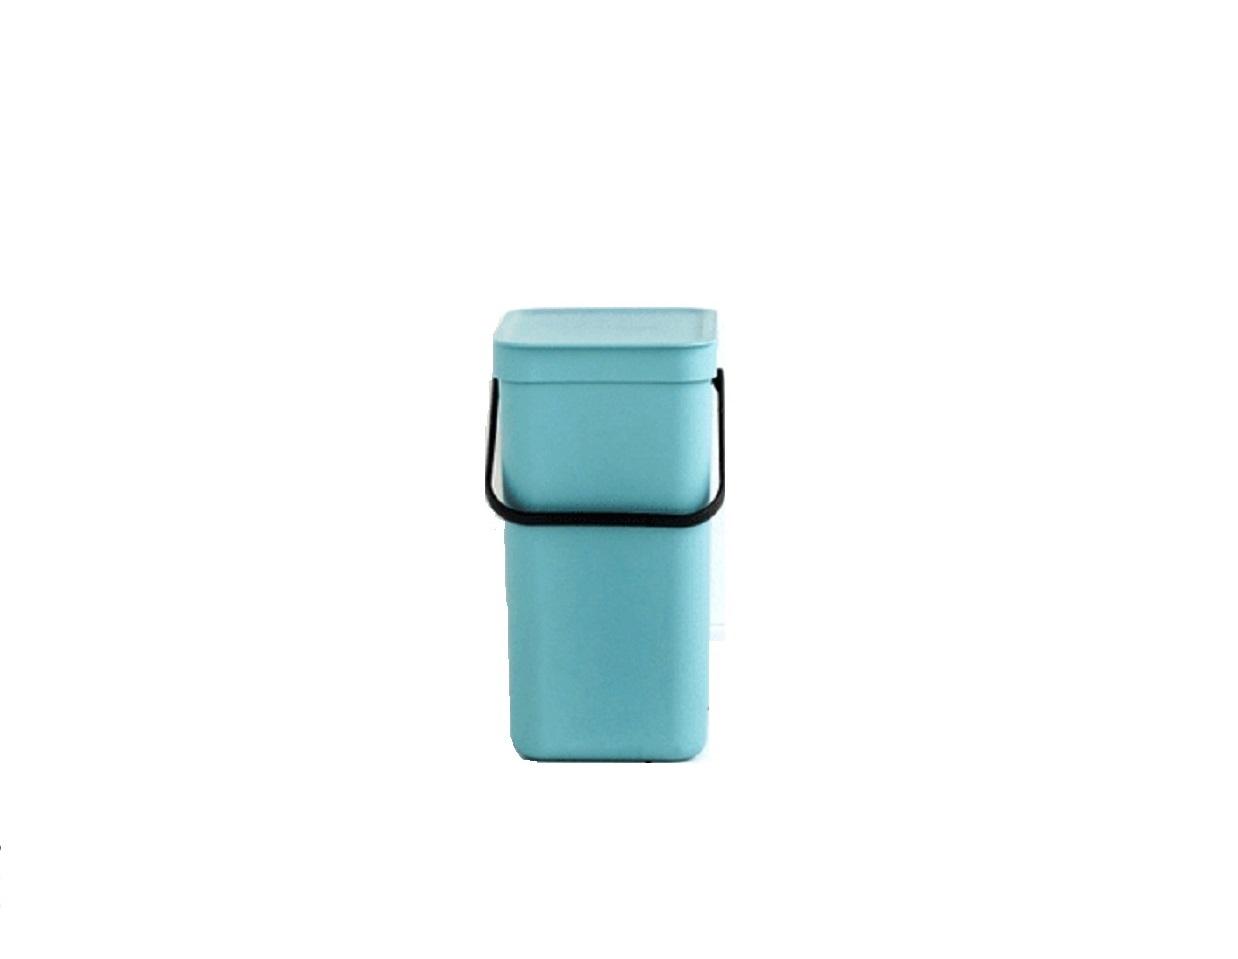 Ведро для мусора Sort&Go Brabantia, объем 12 л, мятный Brabantia 109744 фото 0